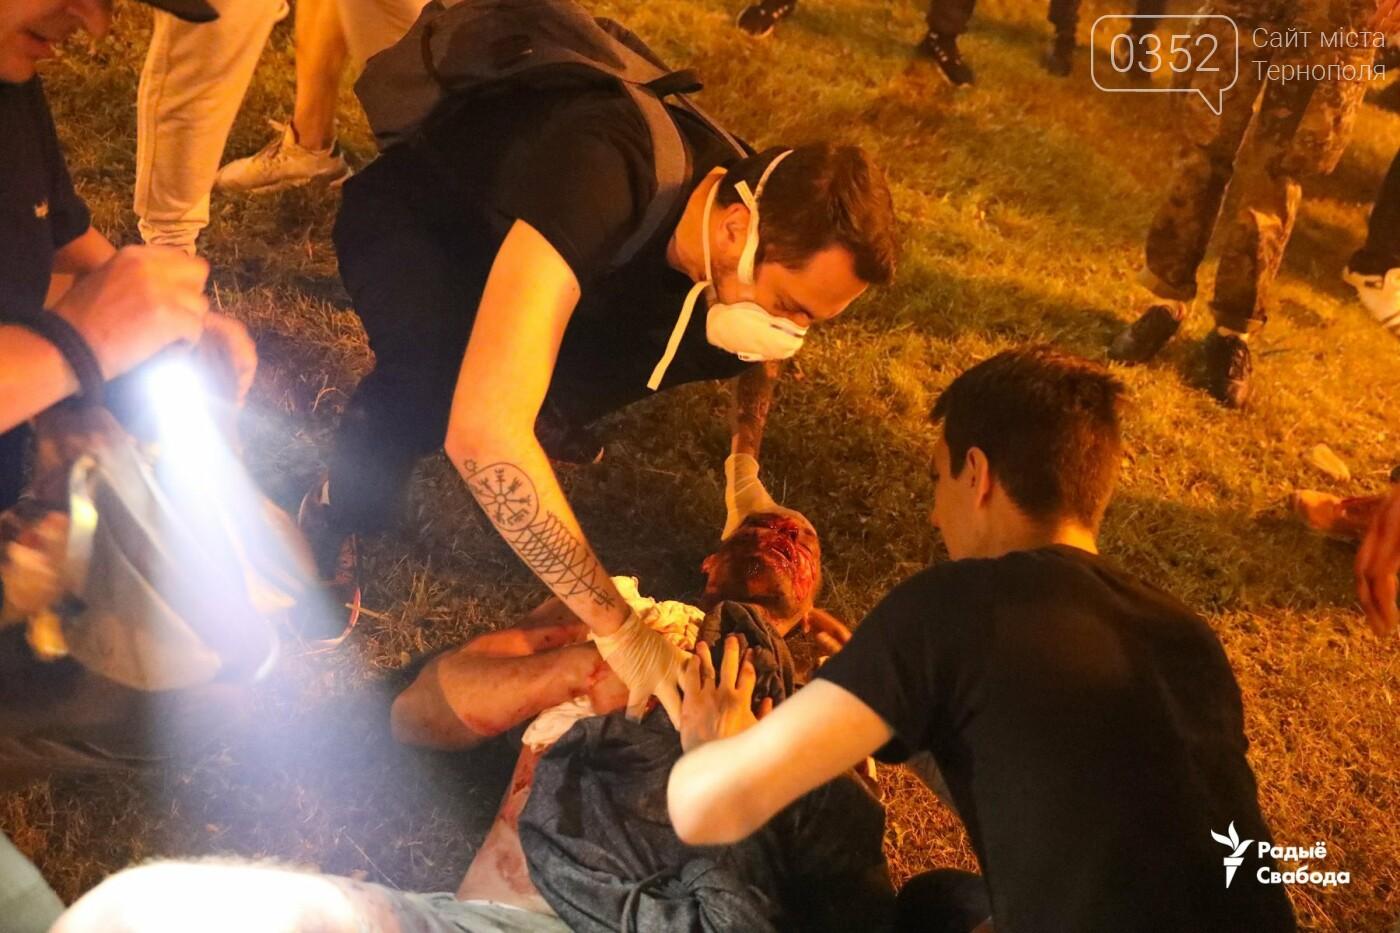 Білорусь прокинулась: країну охопили протести , а у кількох містах  ОМОН опускає щити і стає на сторону протестувальників (ФОТО, ВІДЕО), фото-3